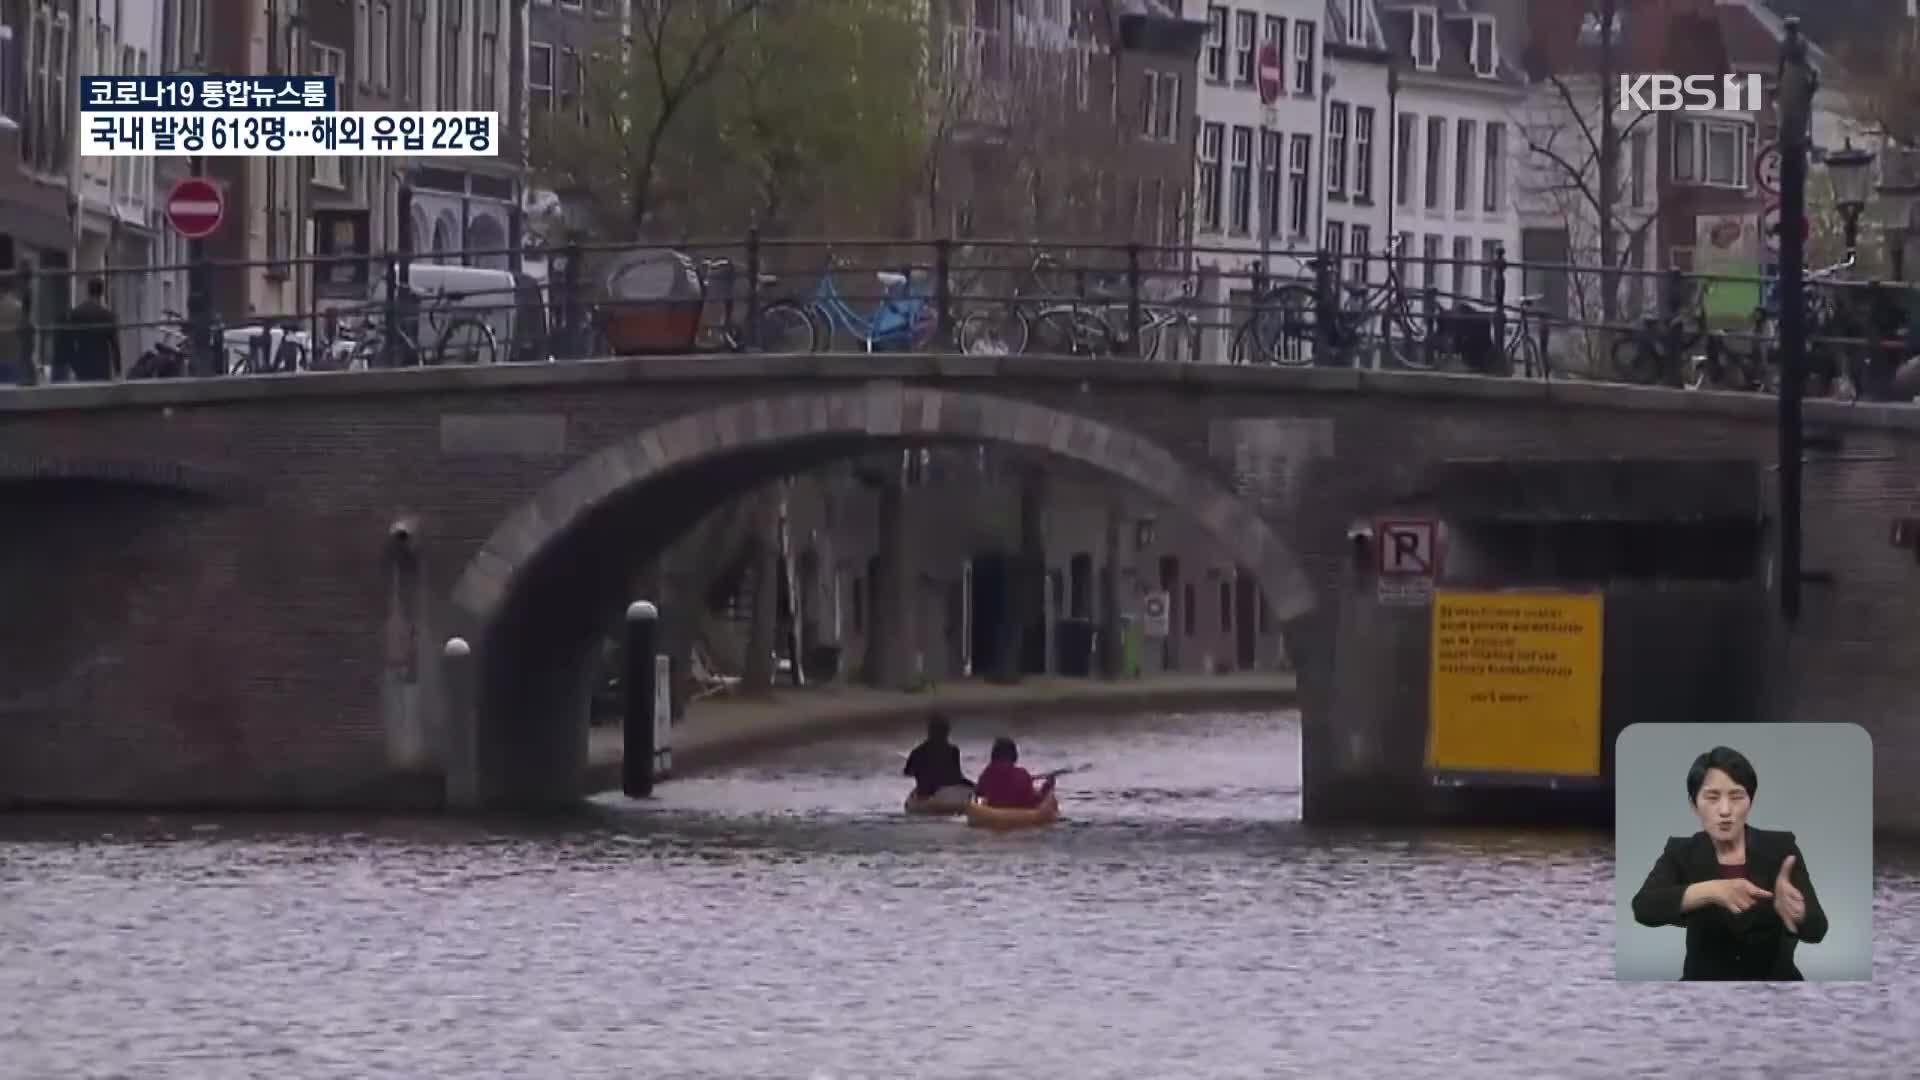 네덜란드, 운하 내 물고기 통행 도와주는 '물고기 초인종'